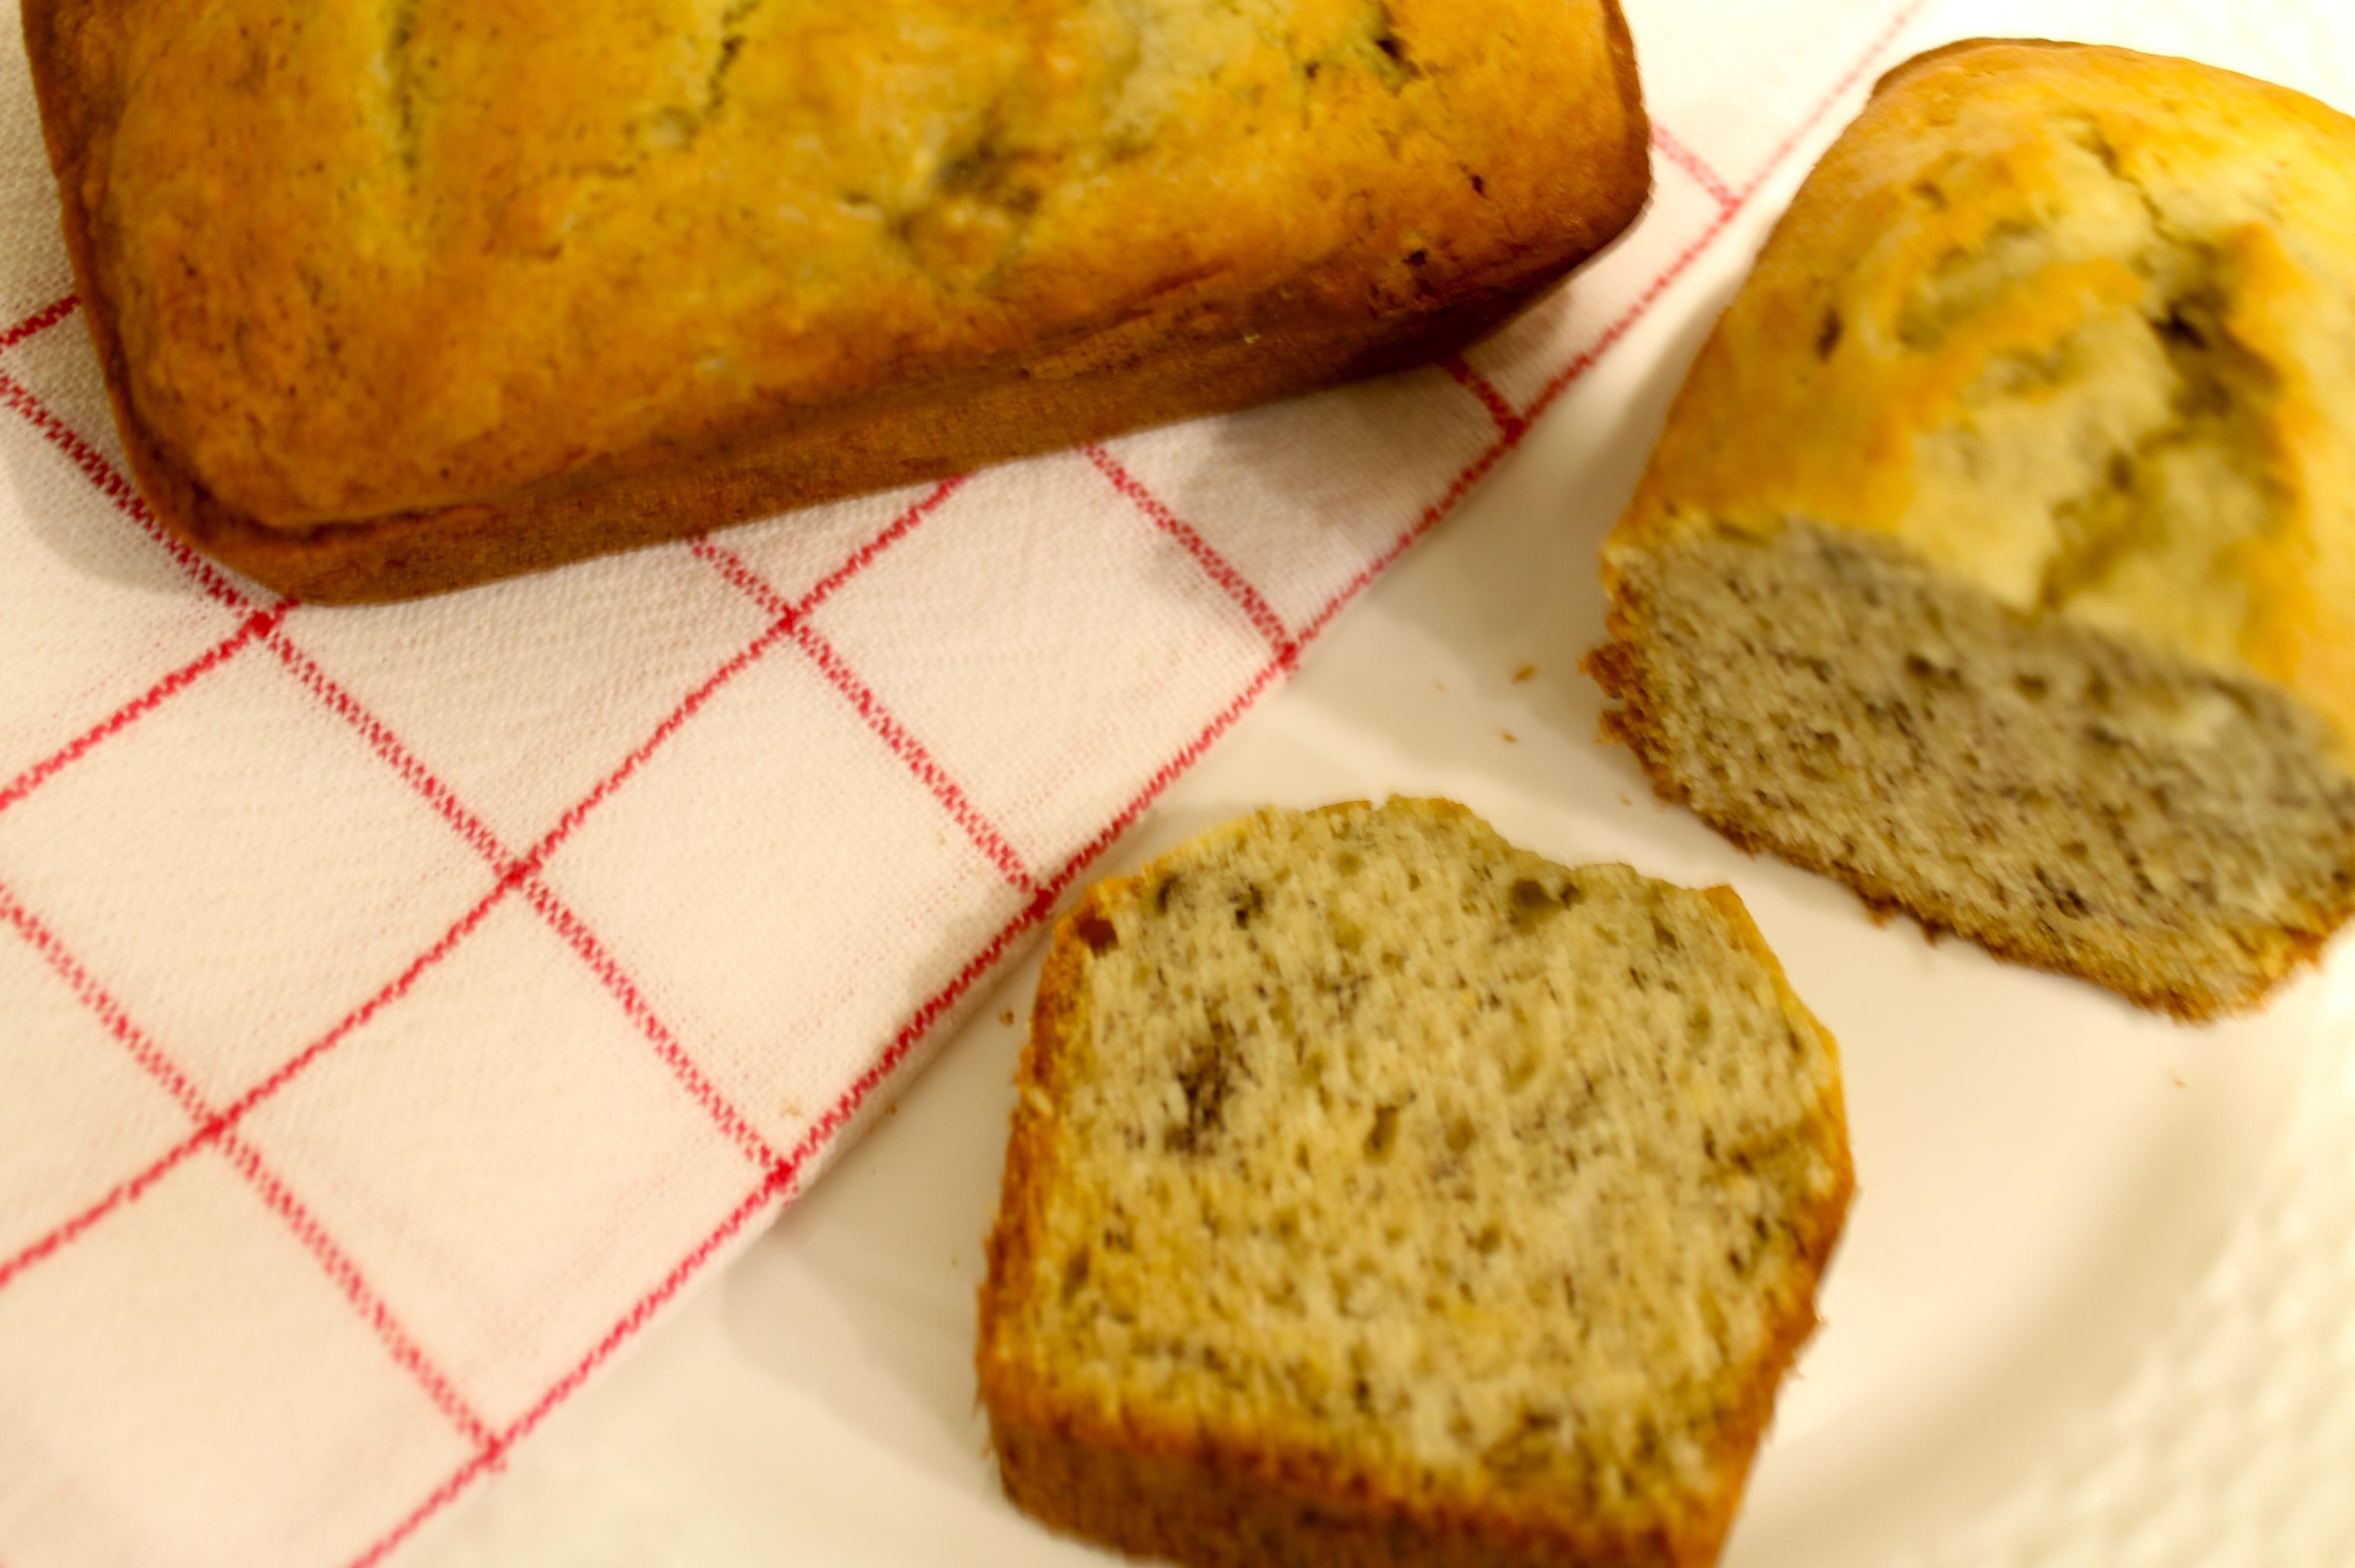 IMG 4726 - Bon Appetit's Banana Bread